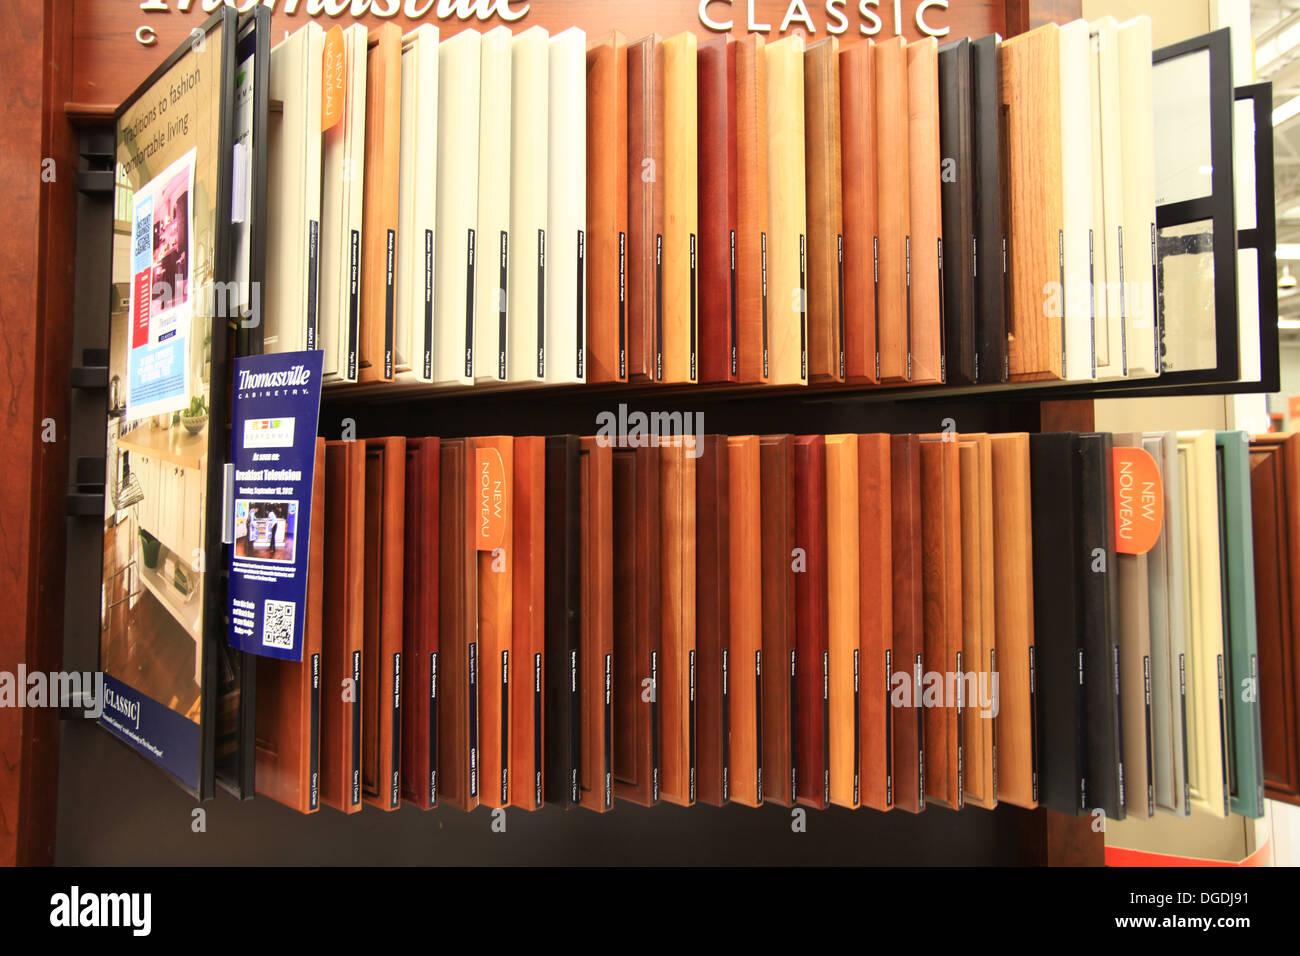 Fantastisch Hartholz  Und Laminatböden Muster Auf Dem Display In The Home Depot,  Kitchener, Ontario, Kanada